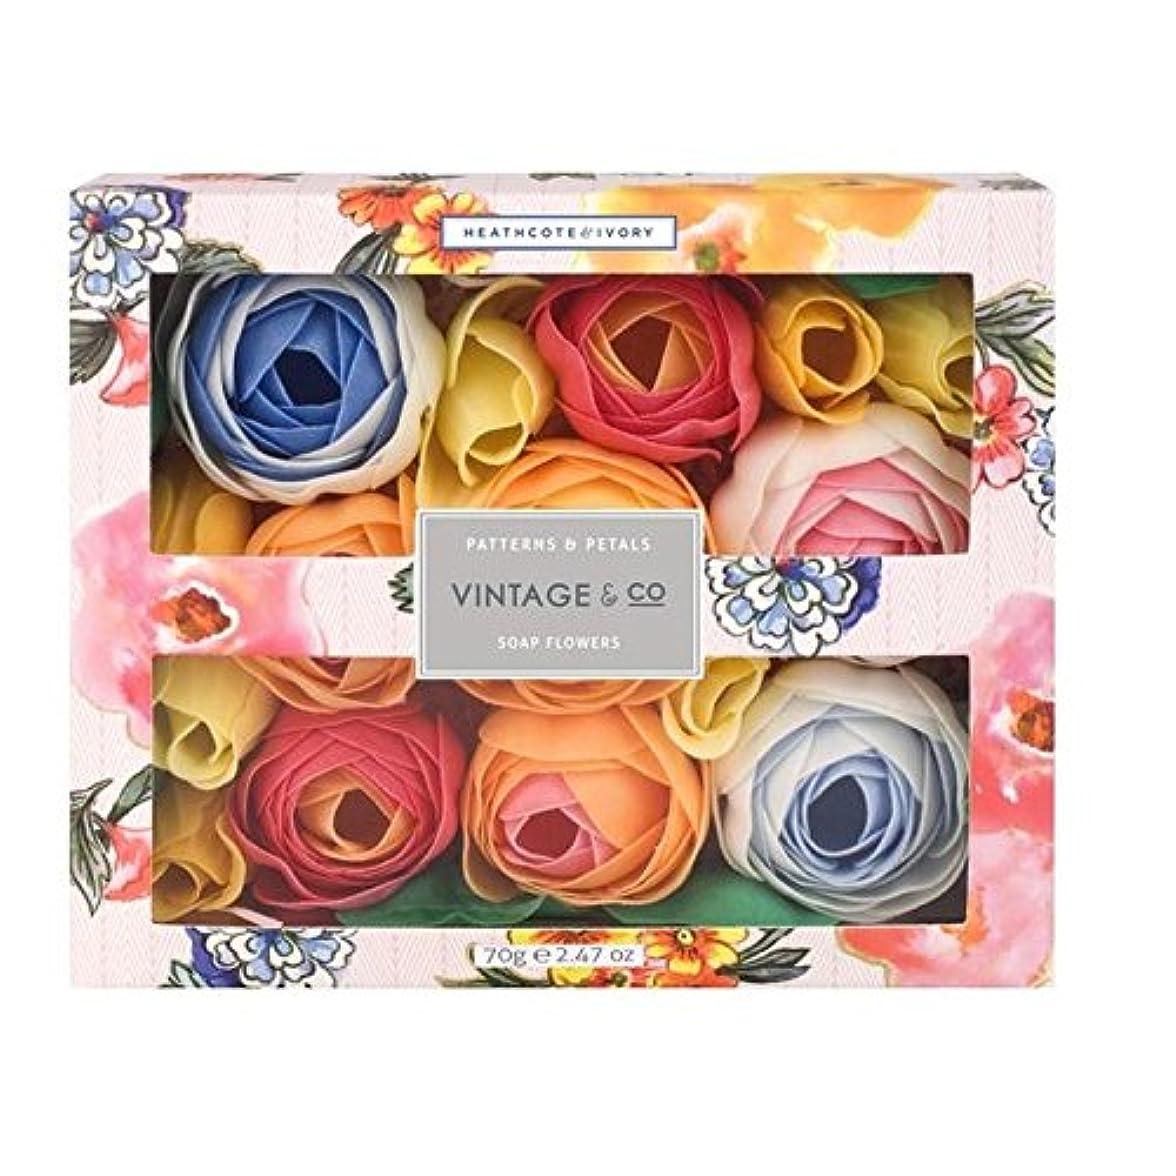 今日アカデミーマルクス主義Heathcote & Ivory Patterns & Petals Soap Flowers 70g (Pack of 6) - ヒースコート&アイボリーパターン&花びら石鹸の花70グラム x6 [並行輸入品]